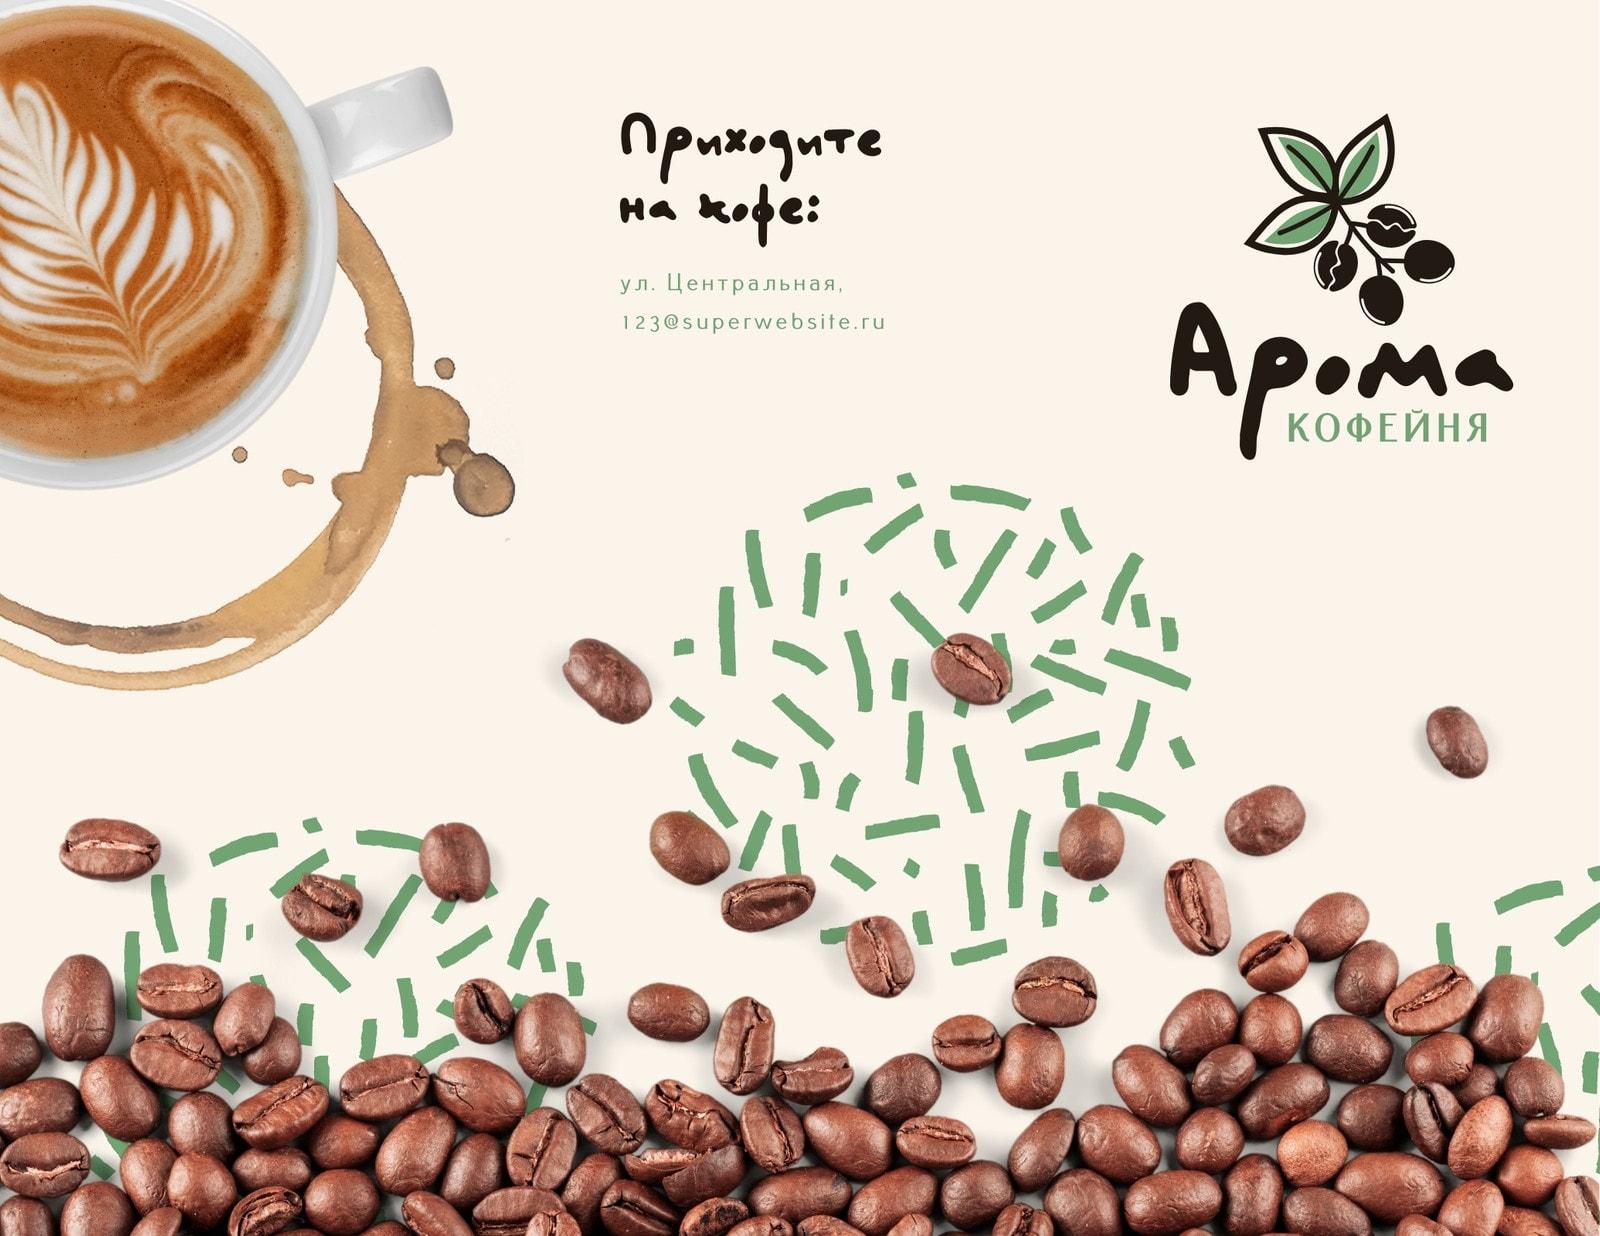 Коричневая и зеленая брошюра с прайс-листом кофейни